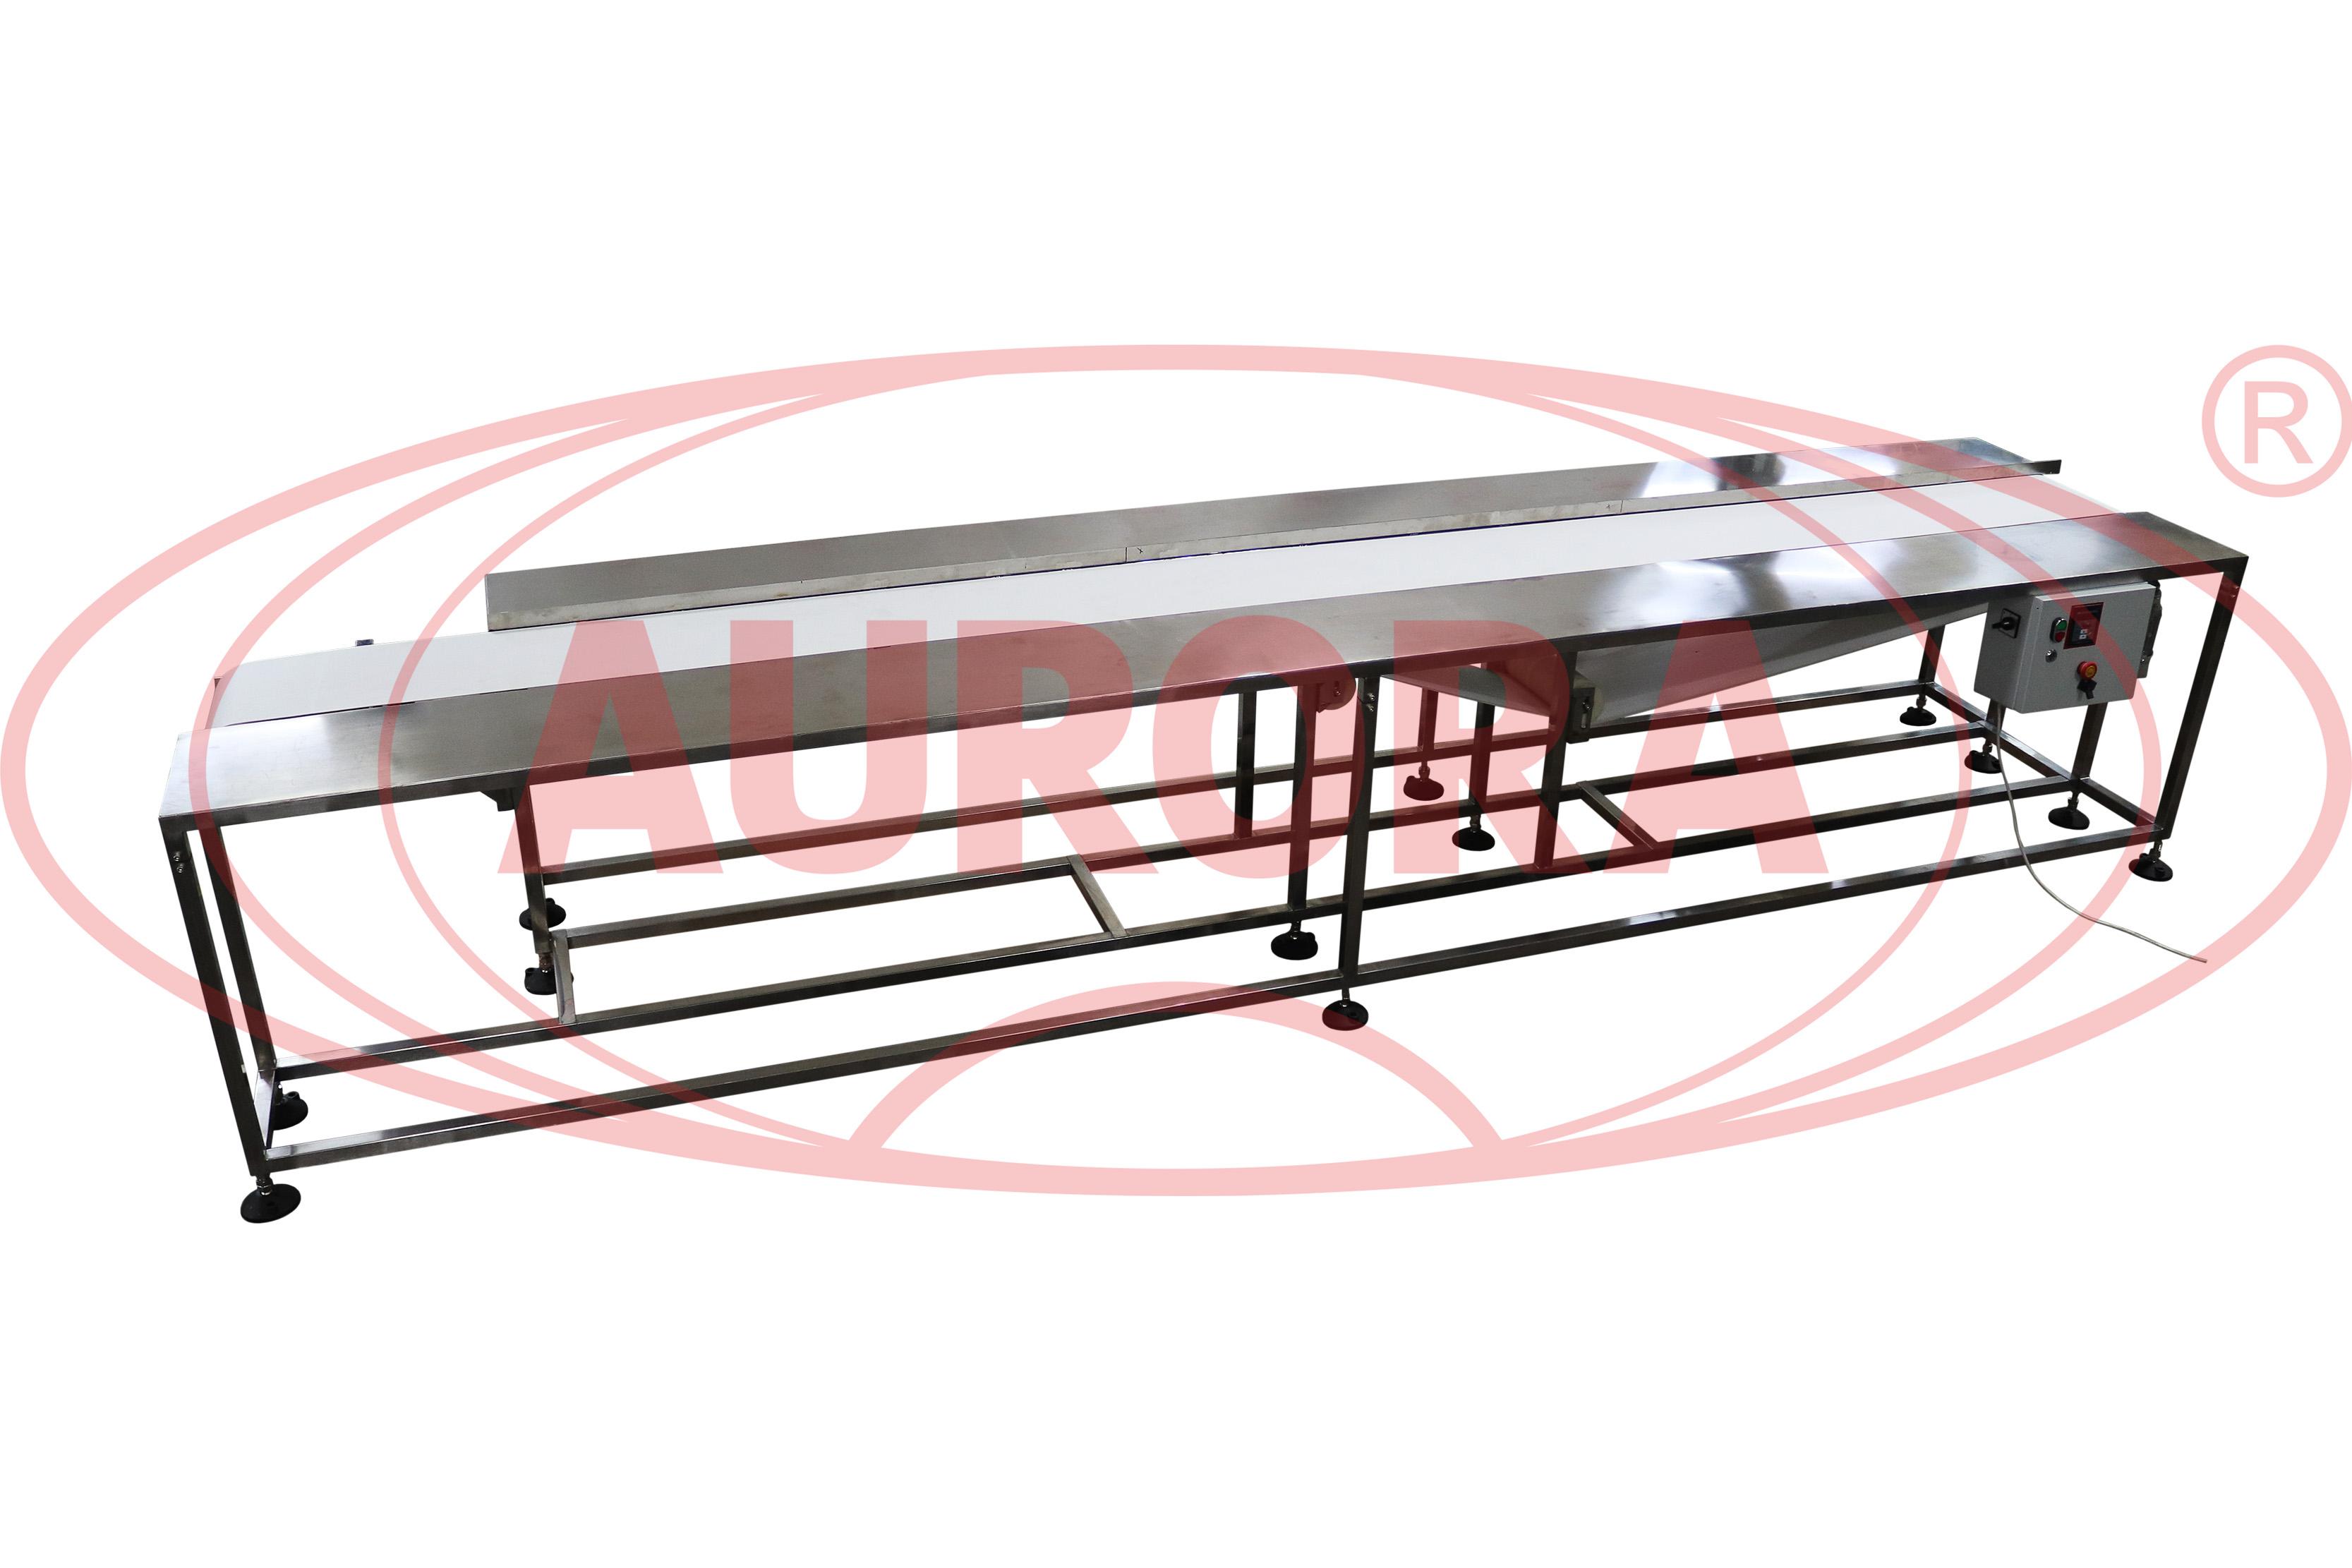 Конвейера роликовые проверка дмрв транспортер